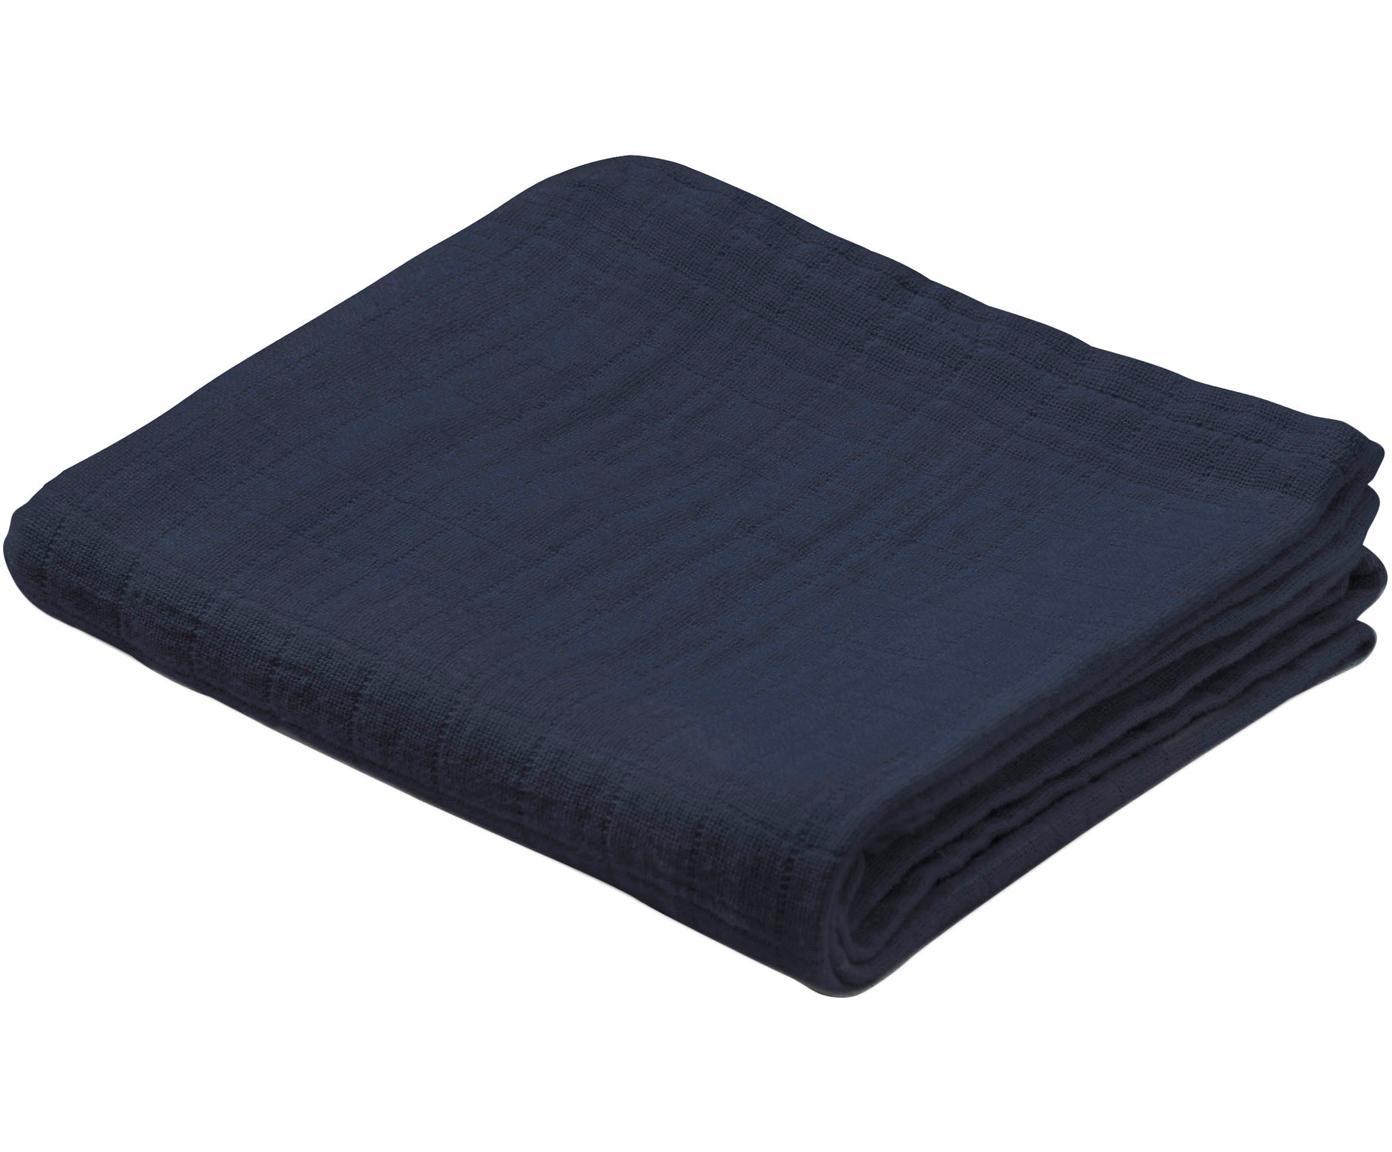 Copertina in cotone organico Muslin 2 pz, Cotone organico, certificato GOTS, Blu scuro, Larg. 70 x Lung. 70 cm